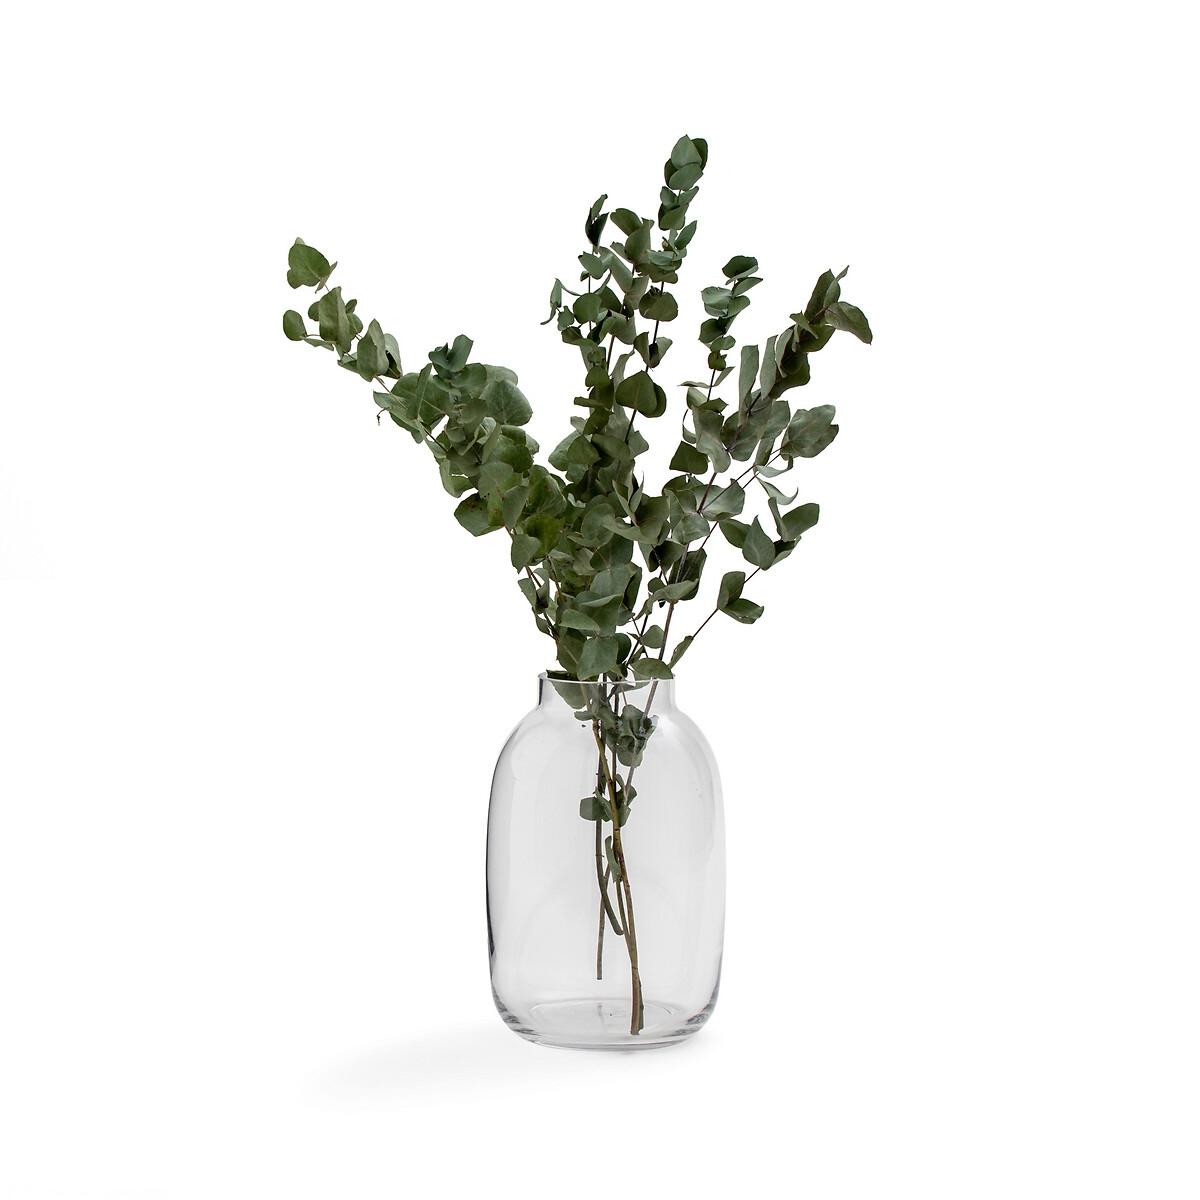 Ваза LaRedoute Из стекла В27 см Tamagni единый размер другие ваза la redoute из стекла с обсыпкой выс см callipe единый размер серый